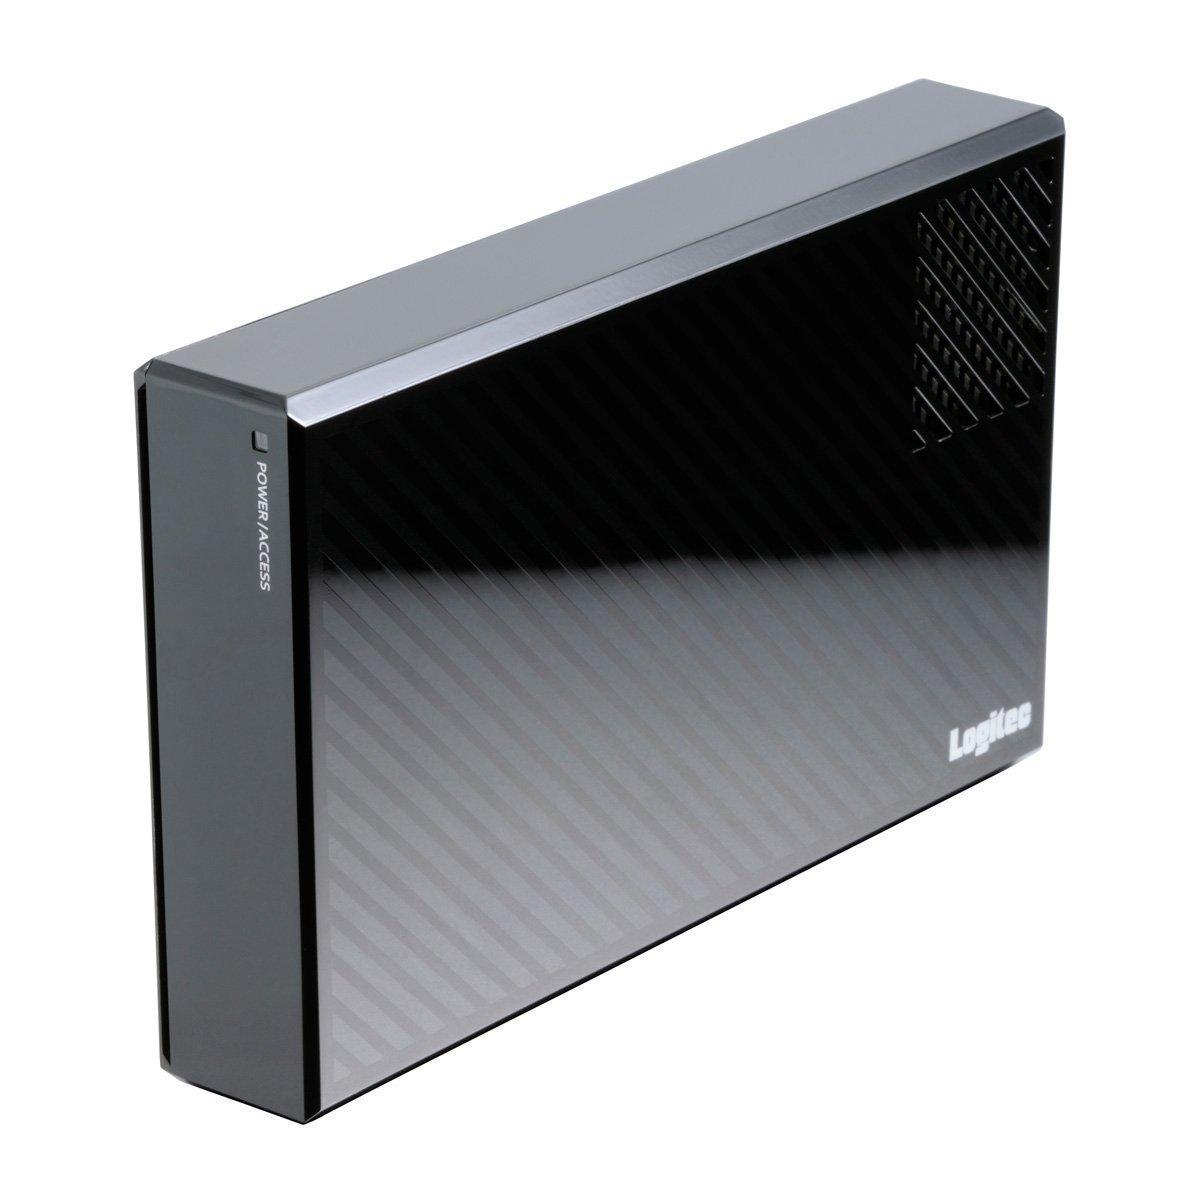 Logitec 外付けHDD 8TB eSATAUSB3.0 WD Gold搭載 冷却ファン付ハードディスク 日本製 LHD-EG80EU3FG B00RX8L3FI eSATAUSB3.0 / 通常モデル 6TB 6TB eSATAUSB3.0 / 通常モデル